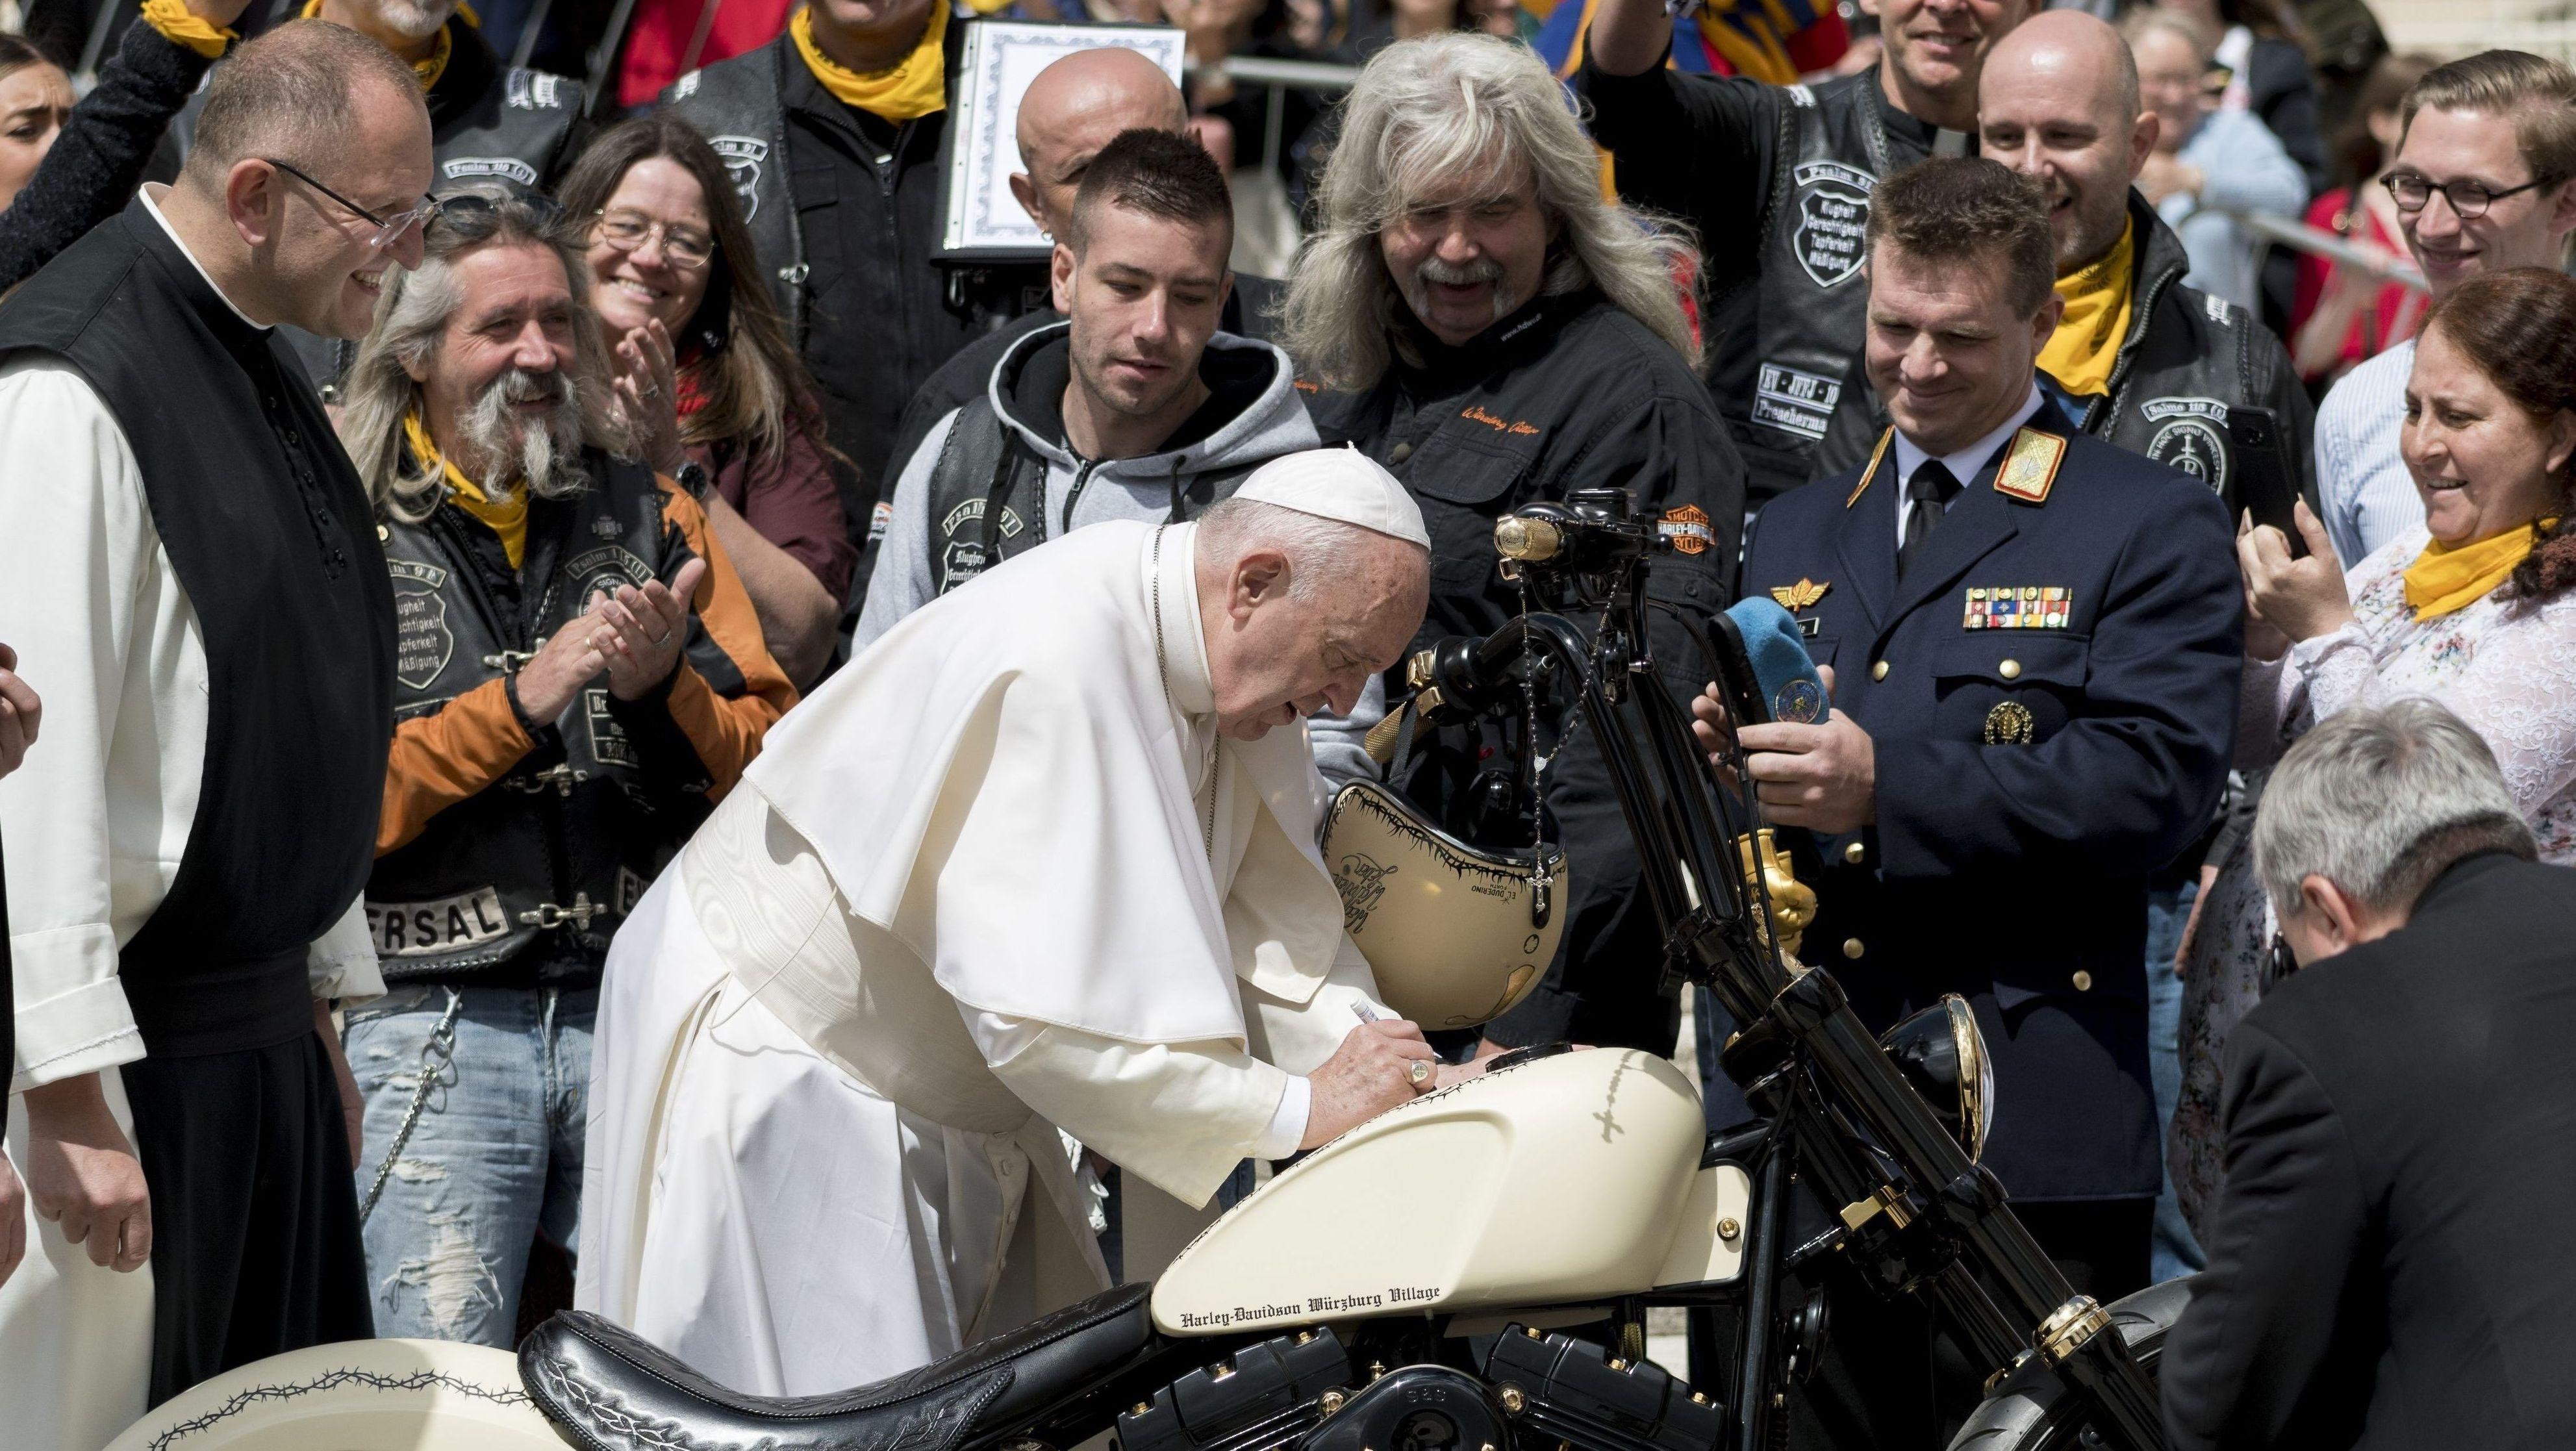 """Papst Franziskus signiert die Harley der """"Jesus-Biker"""" vom Untermain"""